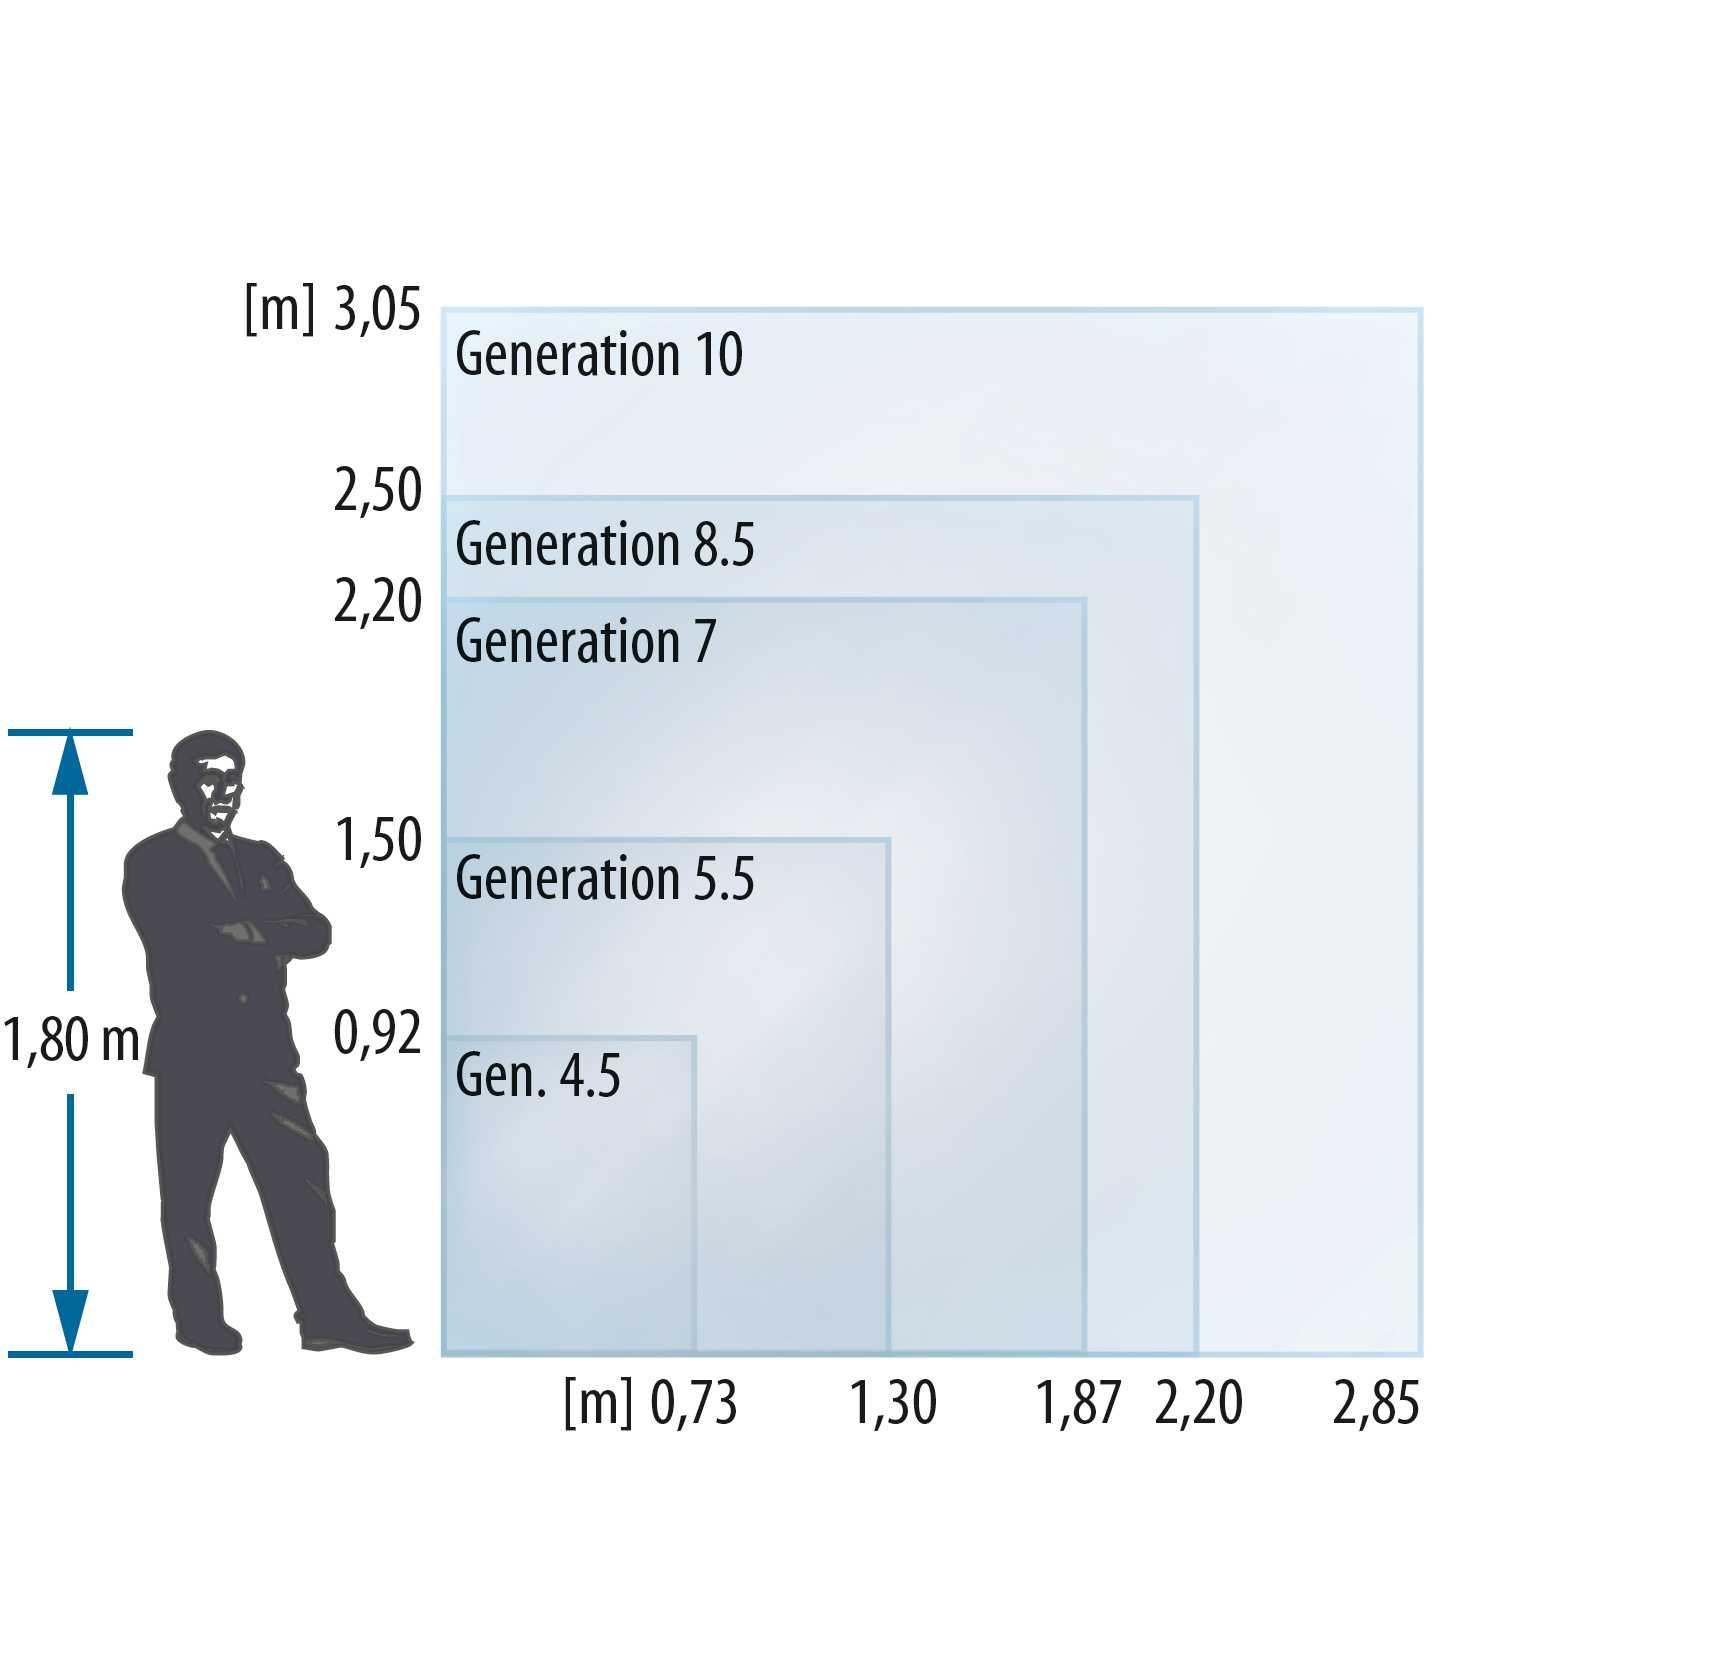 LG Display will über acht Milliarden US-Dollar investieren, vor allem in OLED-Fabriken der Generation 8.5 und 10 mit riesigen Glassubstraten, aus denen sich sehr viele OLED-Panels schneiden lassen.